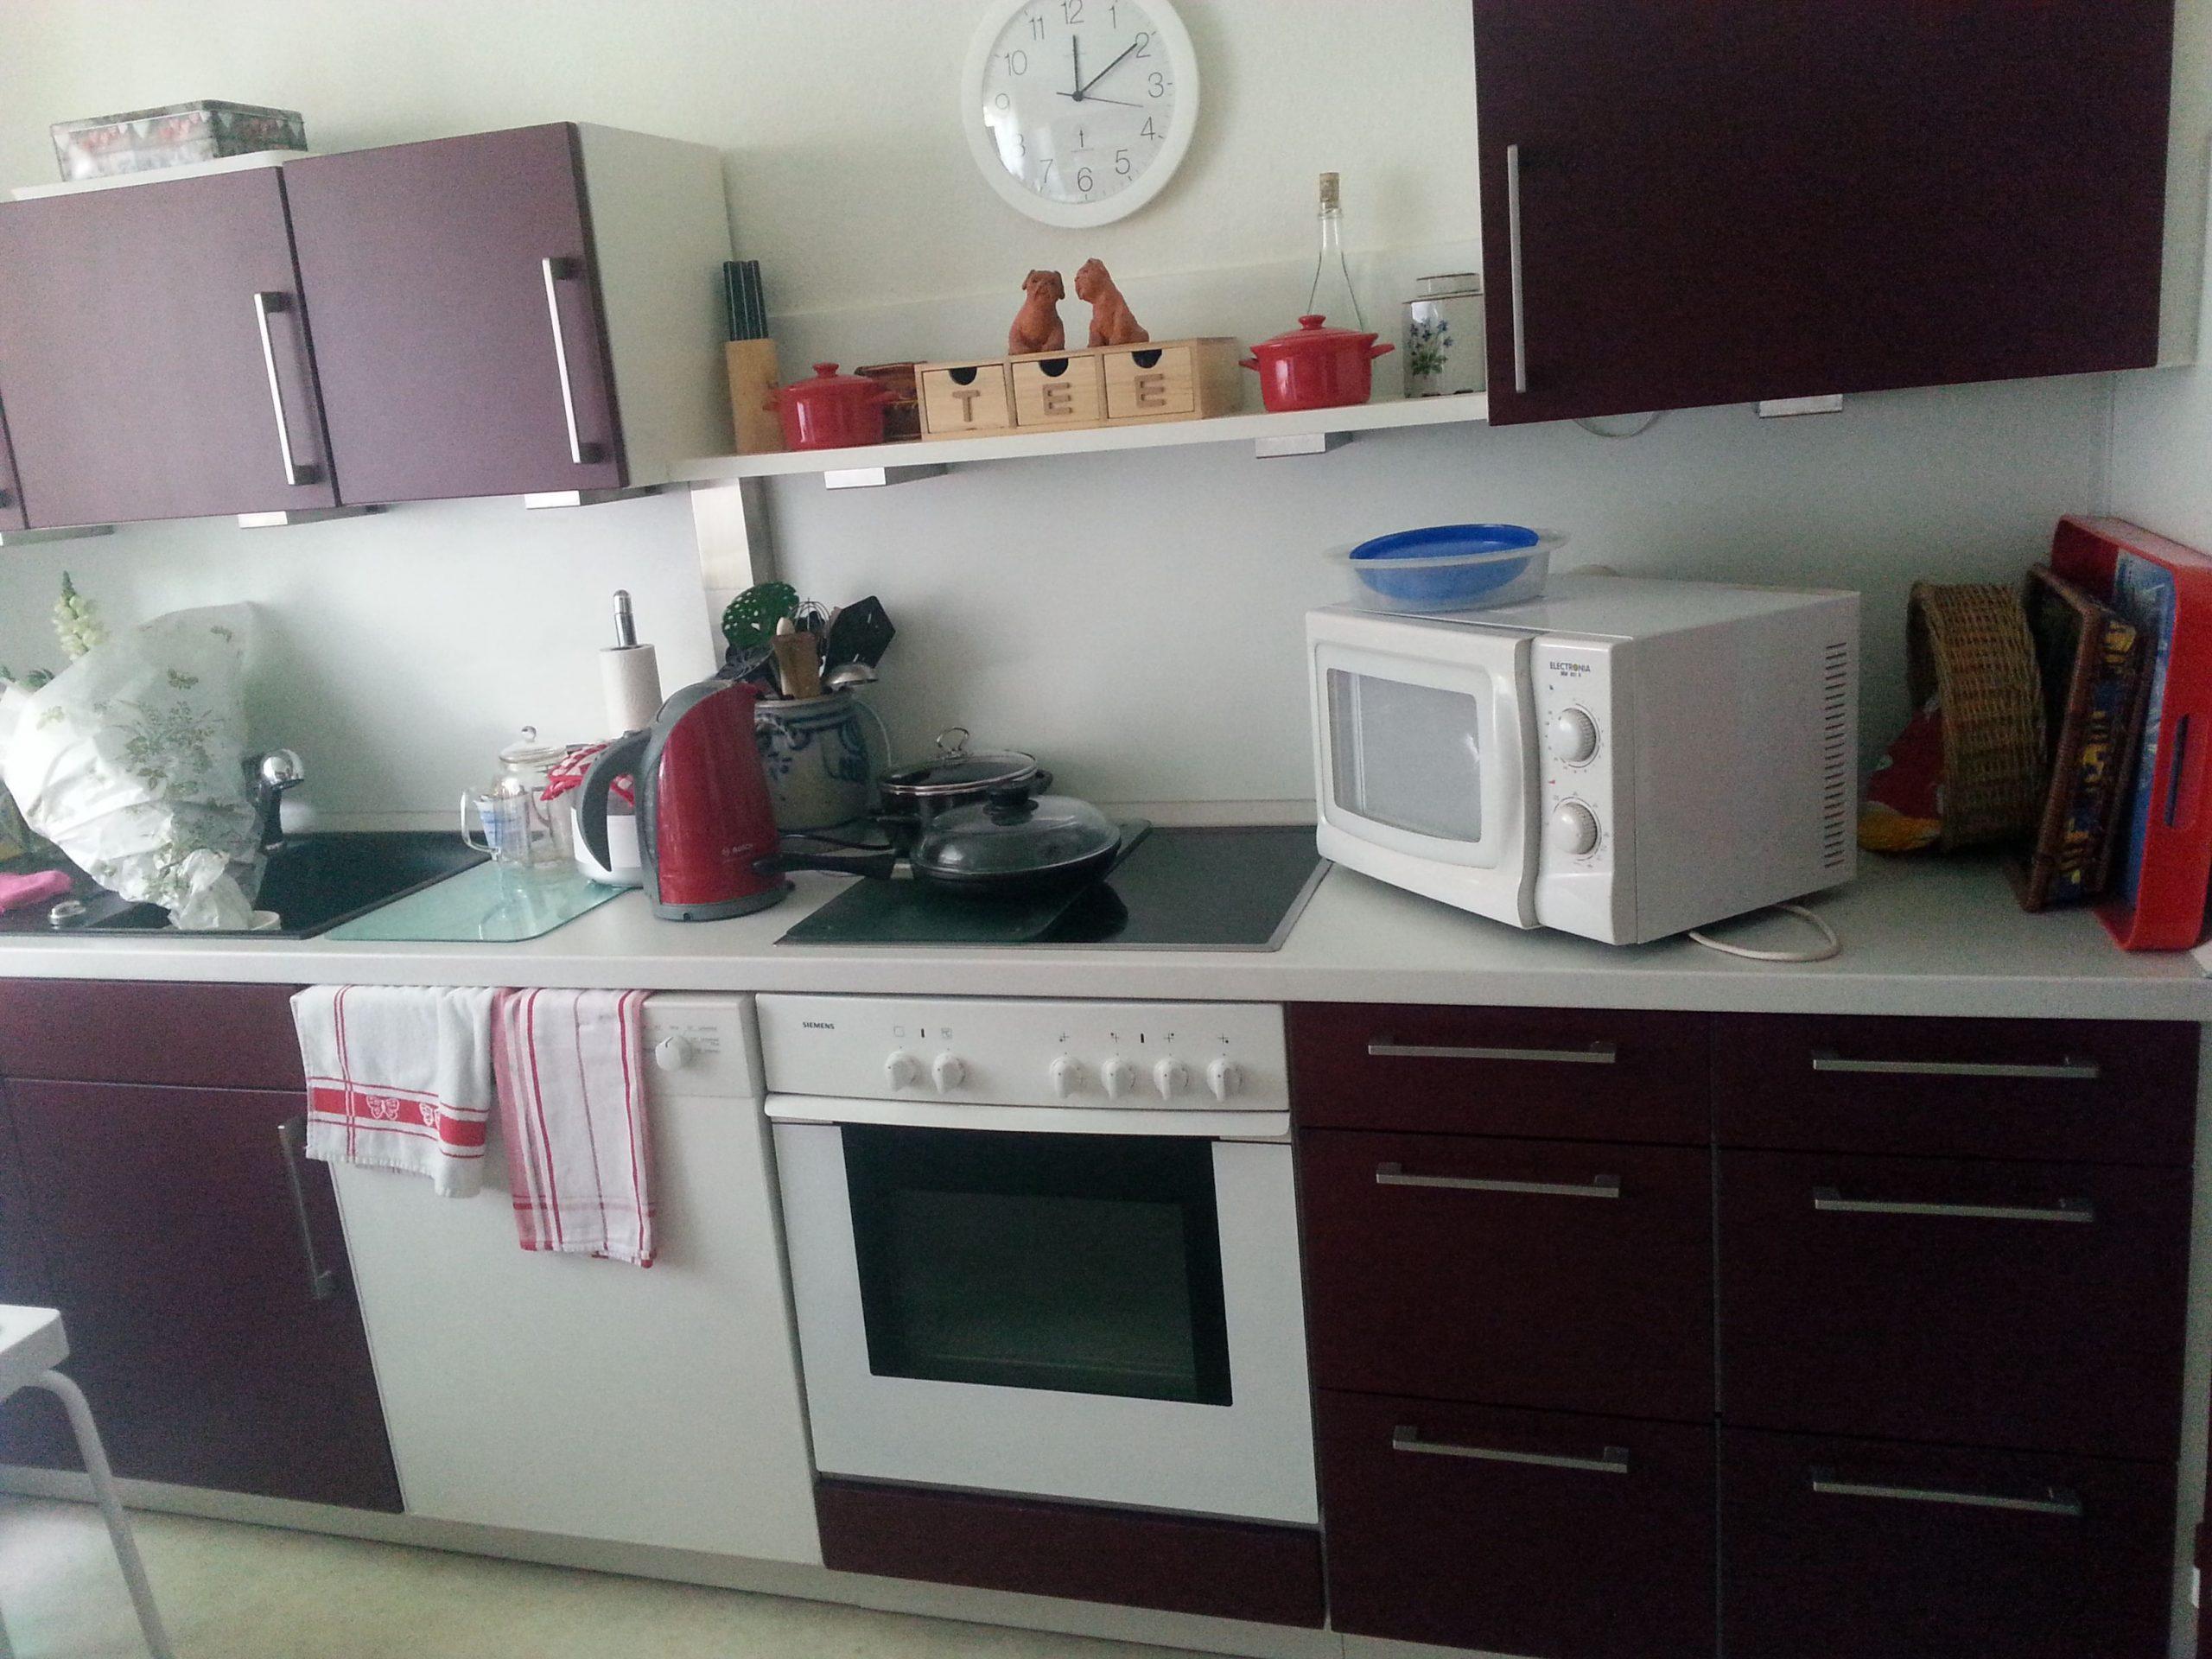 Full Size of Komplettküche Mit Geräten Günstig Komplettküche Billig Respekta Küche Küchenzeile Küchenblock Einbauküche Komplettküche Weiß 320 Cm Komplettküche Kaufen Küche Komplettküche